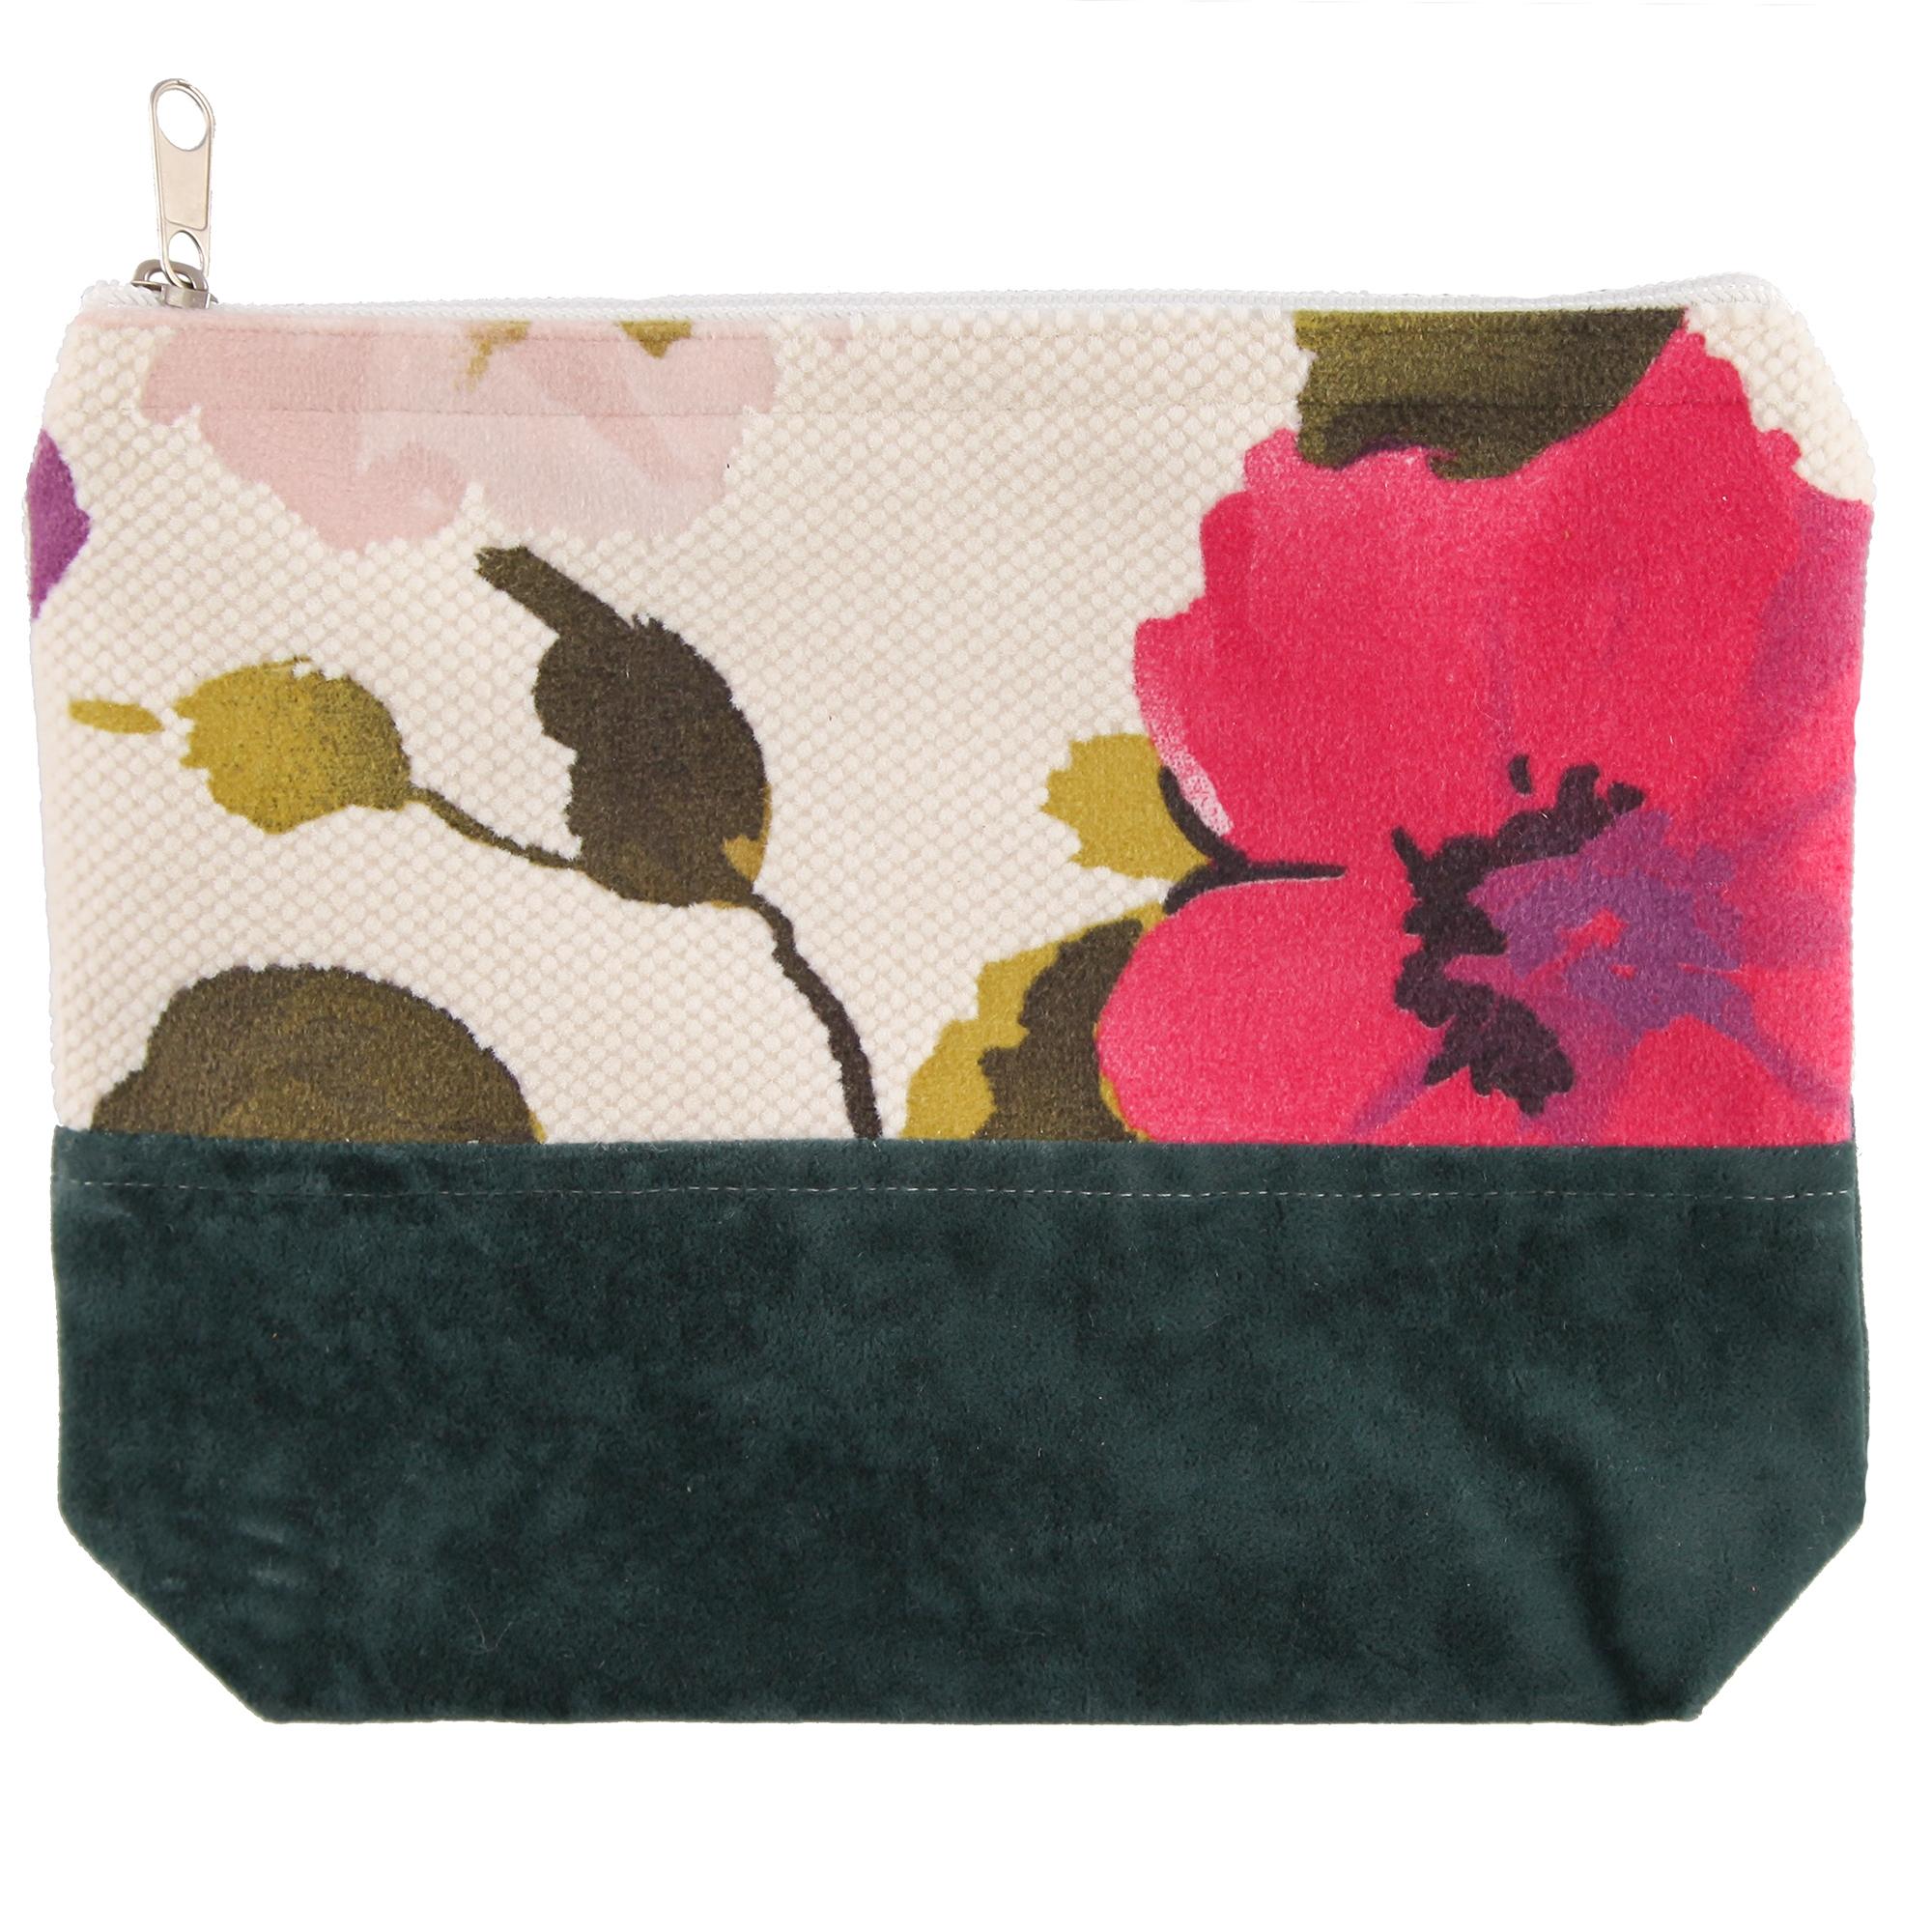 کیف لوازم آرایشی طرح گلدار کد 309020 |